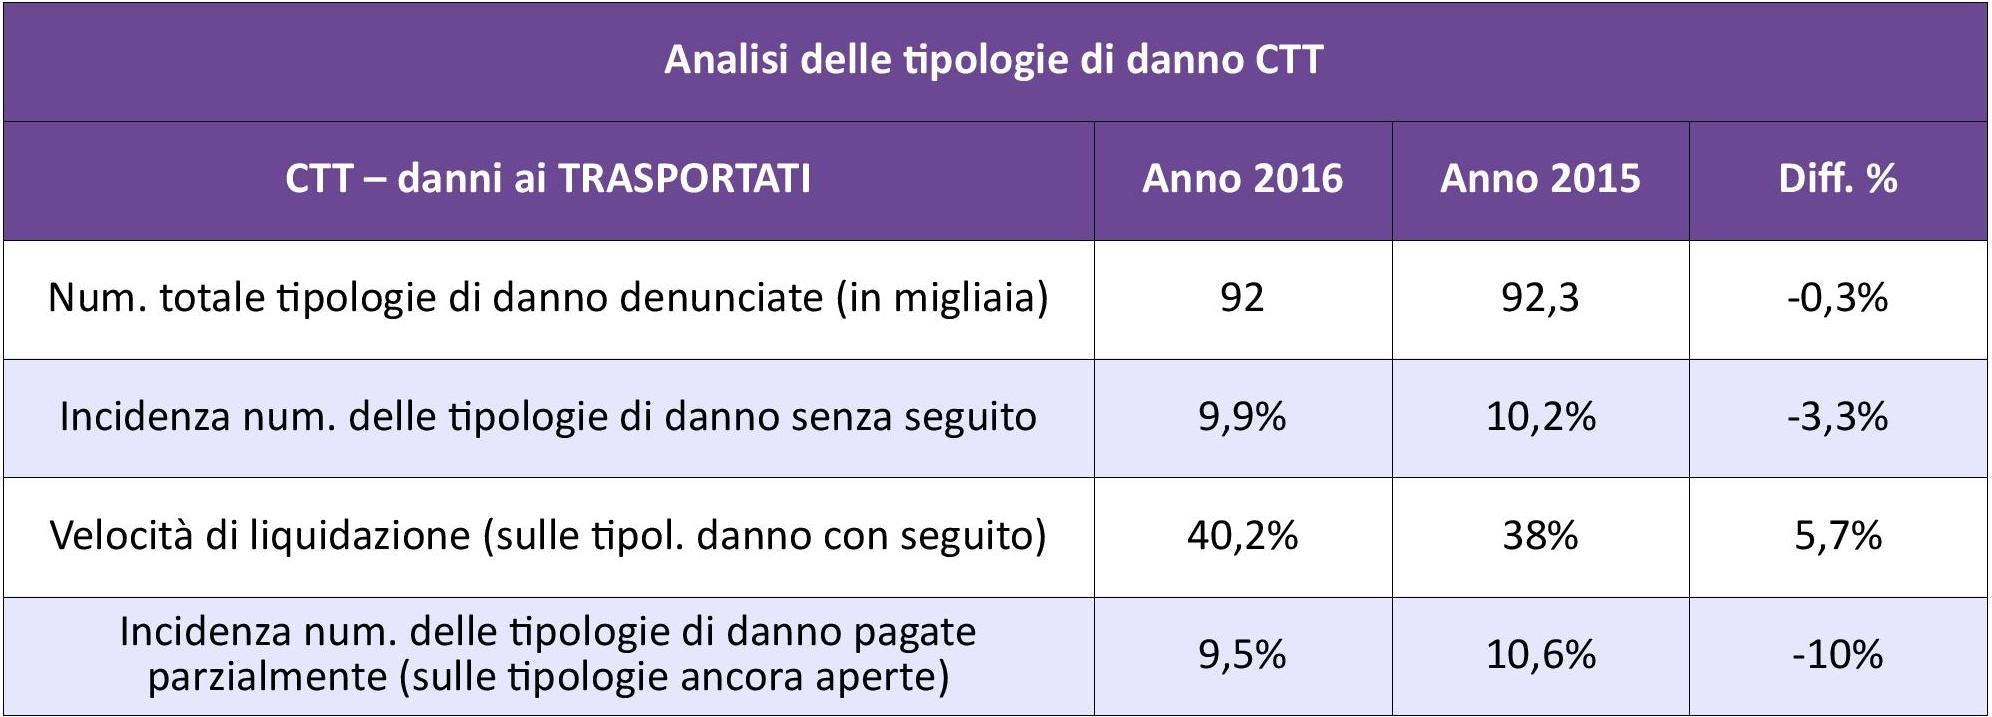 ANIA - Rc Auto - Danno CTT 2016 IMC